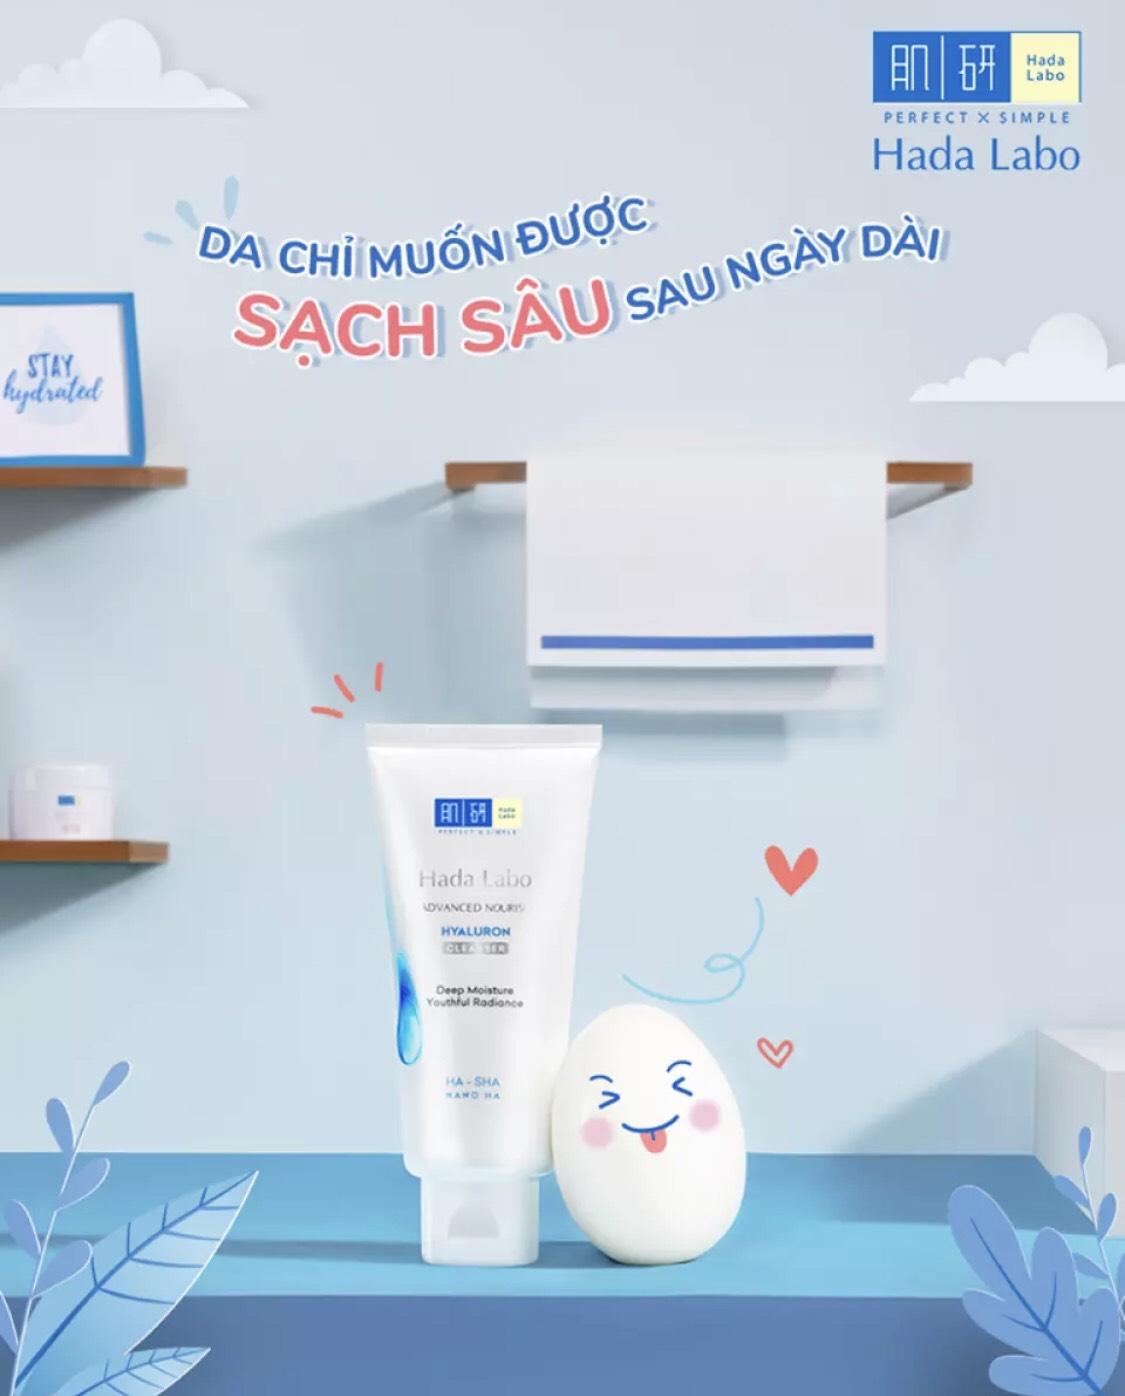 Hình ảnh Kem Rửa Mặt Dưỡng Ẩm Tối Ưu Hada Labo Advanced Nourish Hyaluron Cleanser (80g)